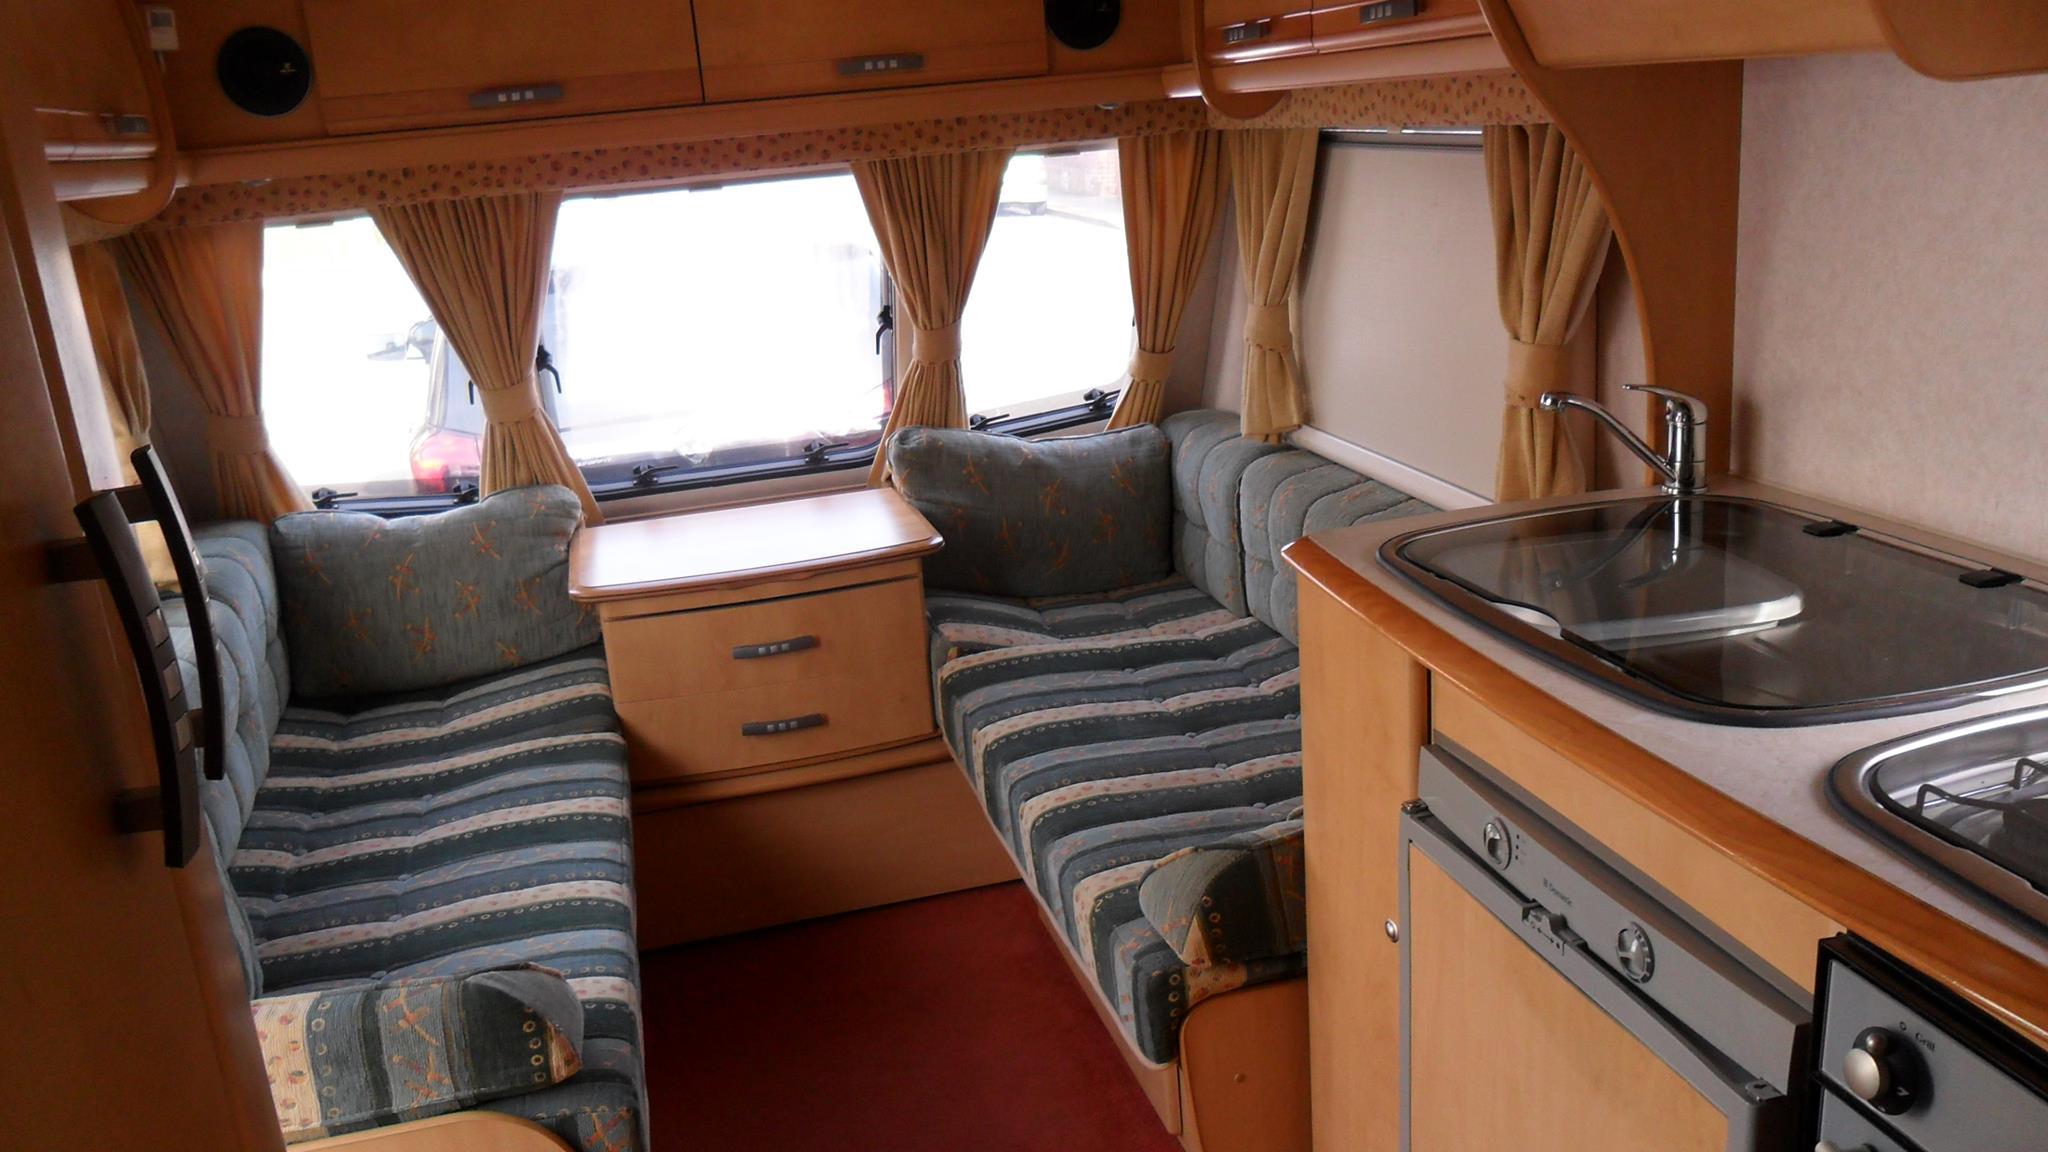 Caravan Kussens Bekleden : Caravan kussens maatwerk ambachtelijke meubelstoffeerder abb